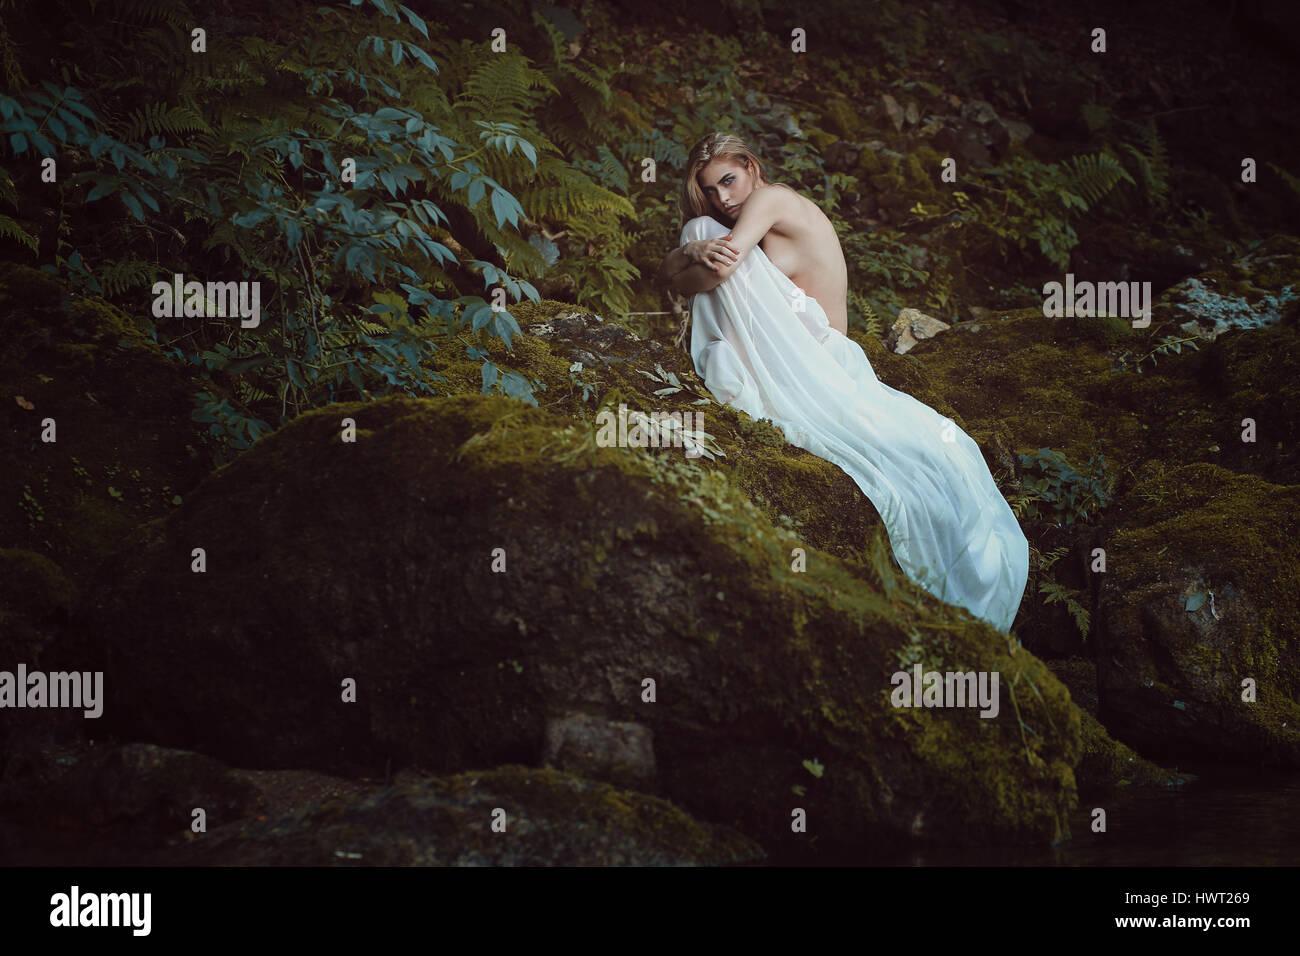 Bellissima fanciulla in madre natura santuario. Romantico e sognante Immagini Stock